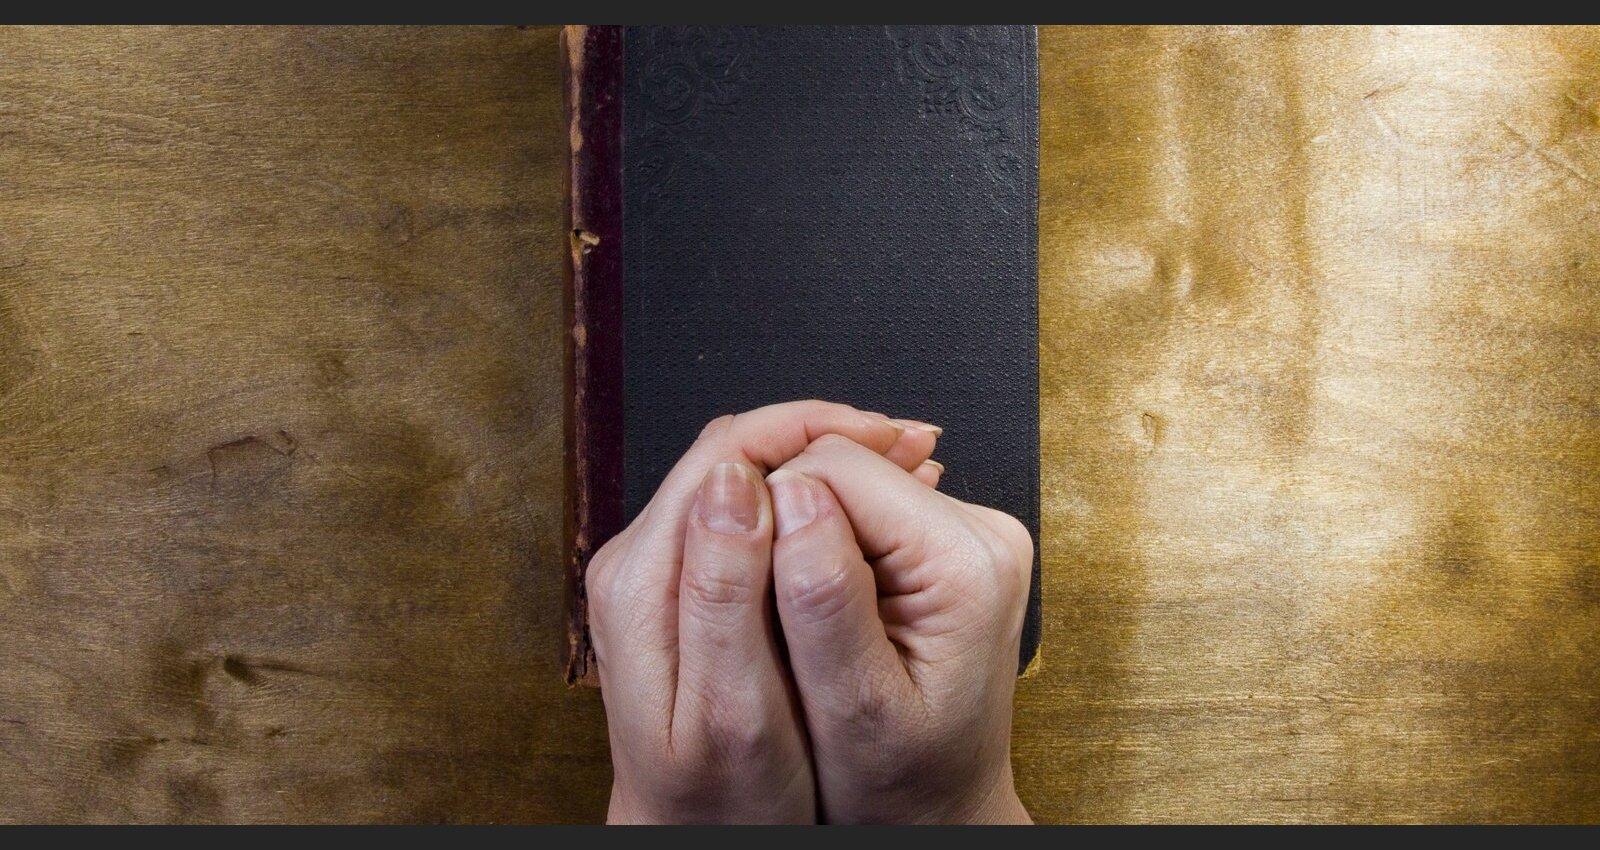 Про нас показывают только плохое: как живут свидетели Иеговы, бежавшие из России и получившие убежище в Латвии